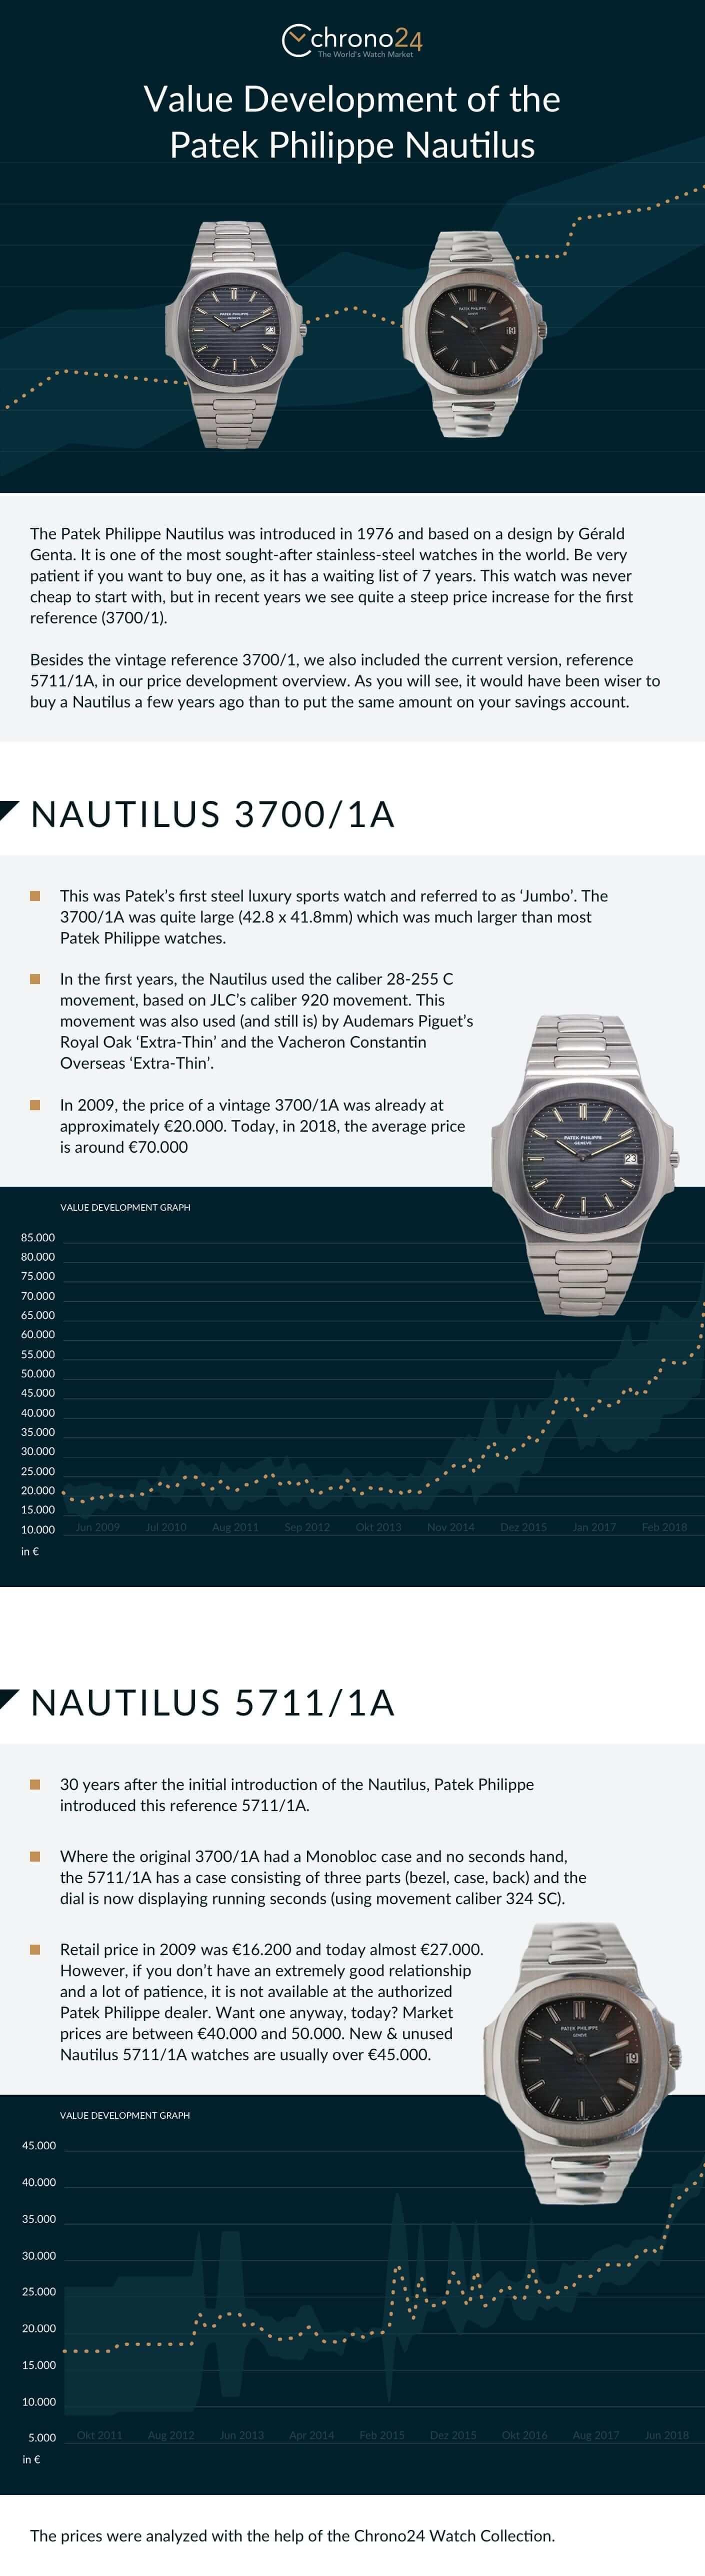 Value Development Of The Patek Philippe Nautilus